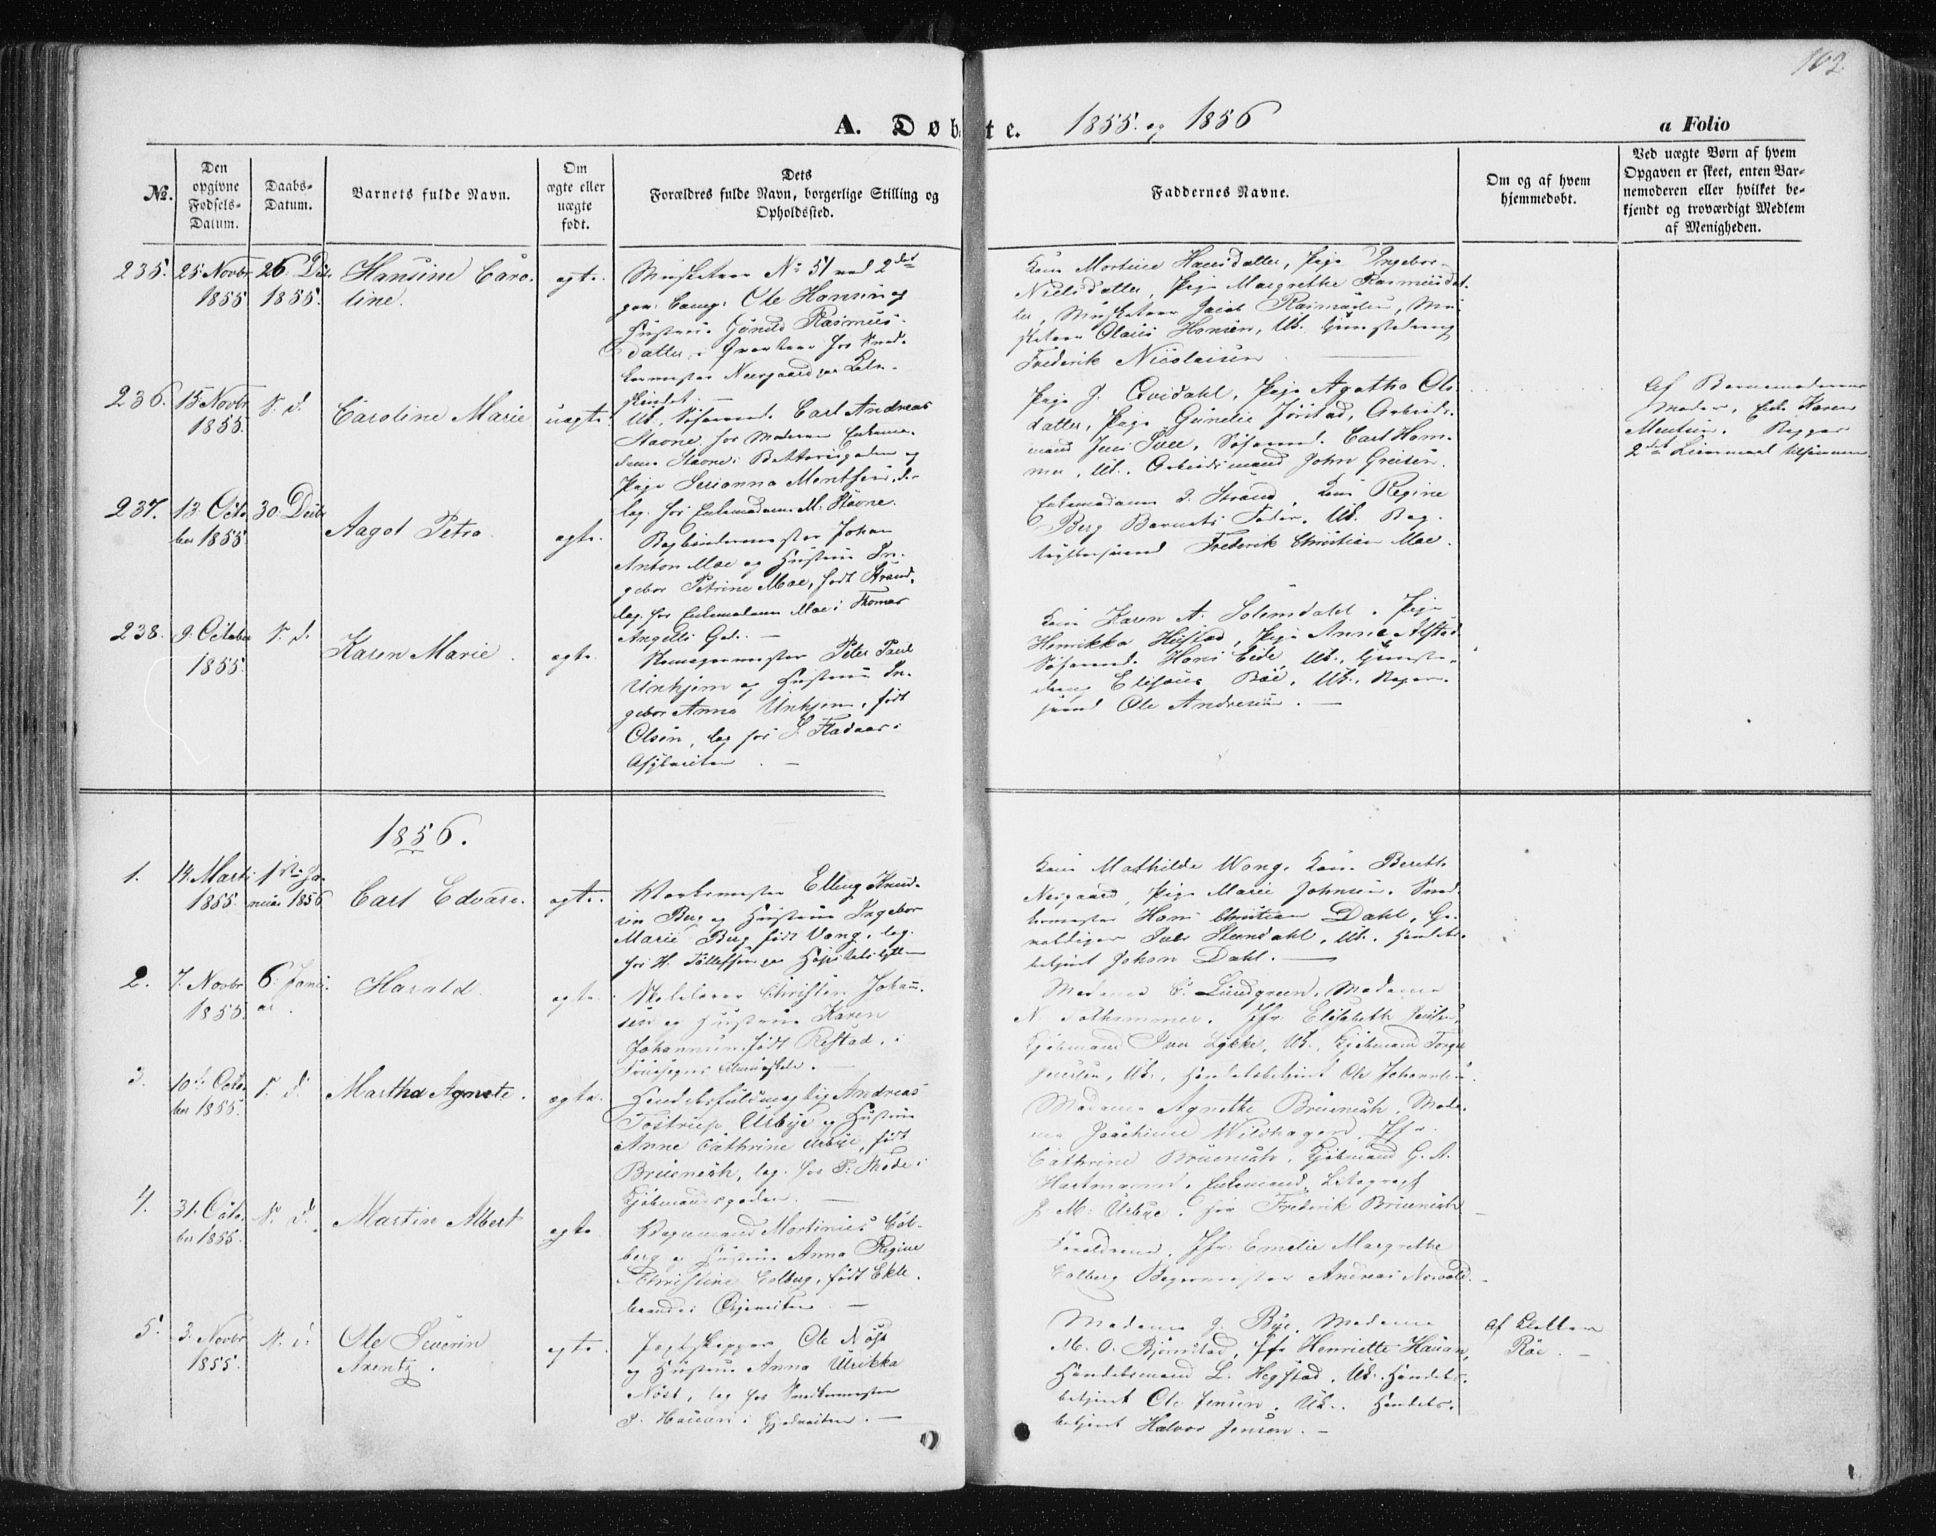 SAT, Ministerialprotokoller, klokkerbøker og fødselsregistre - Sør-Trøndelag, 602/L0112: Ministerialbok nr. 602A10, 1848-1859, s. 102